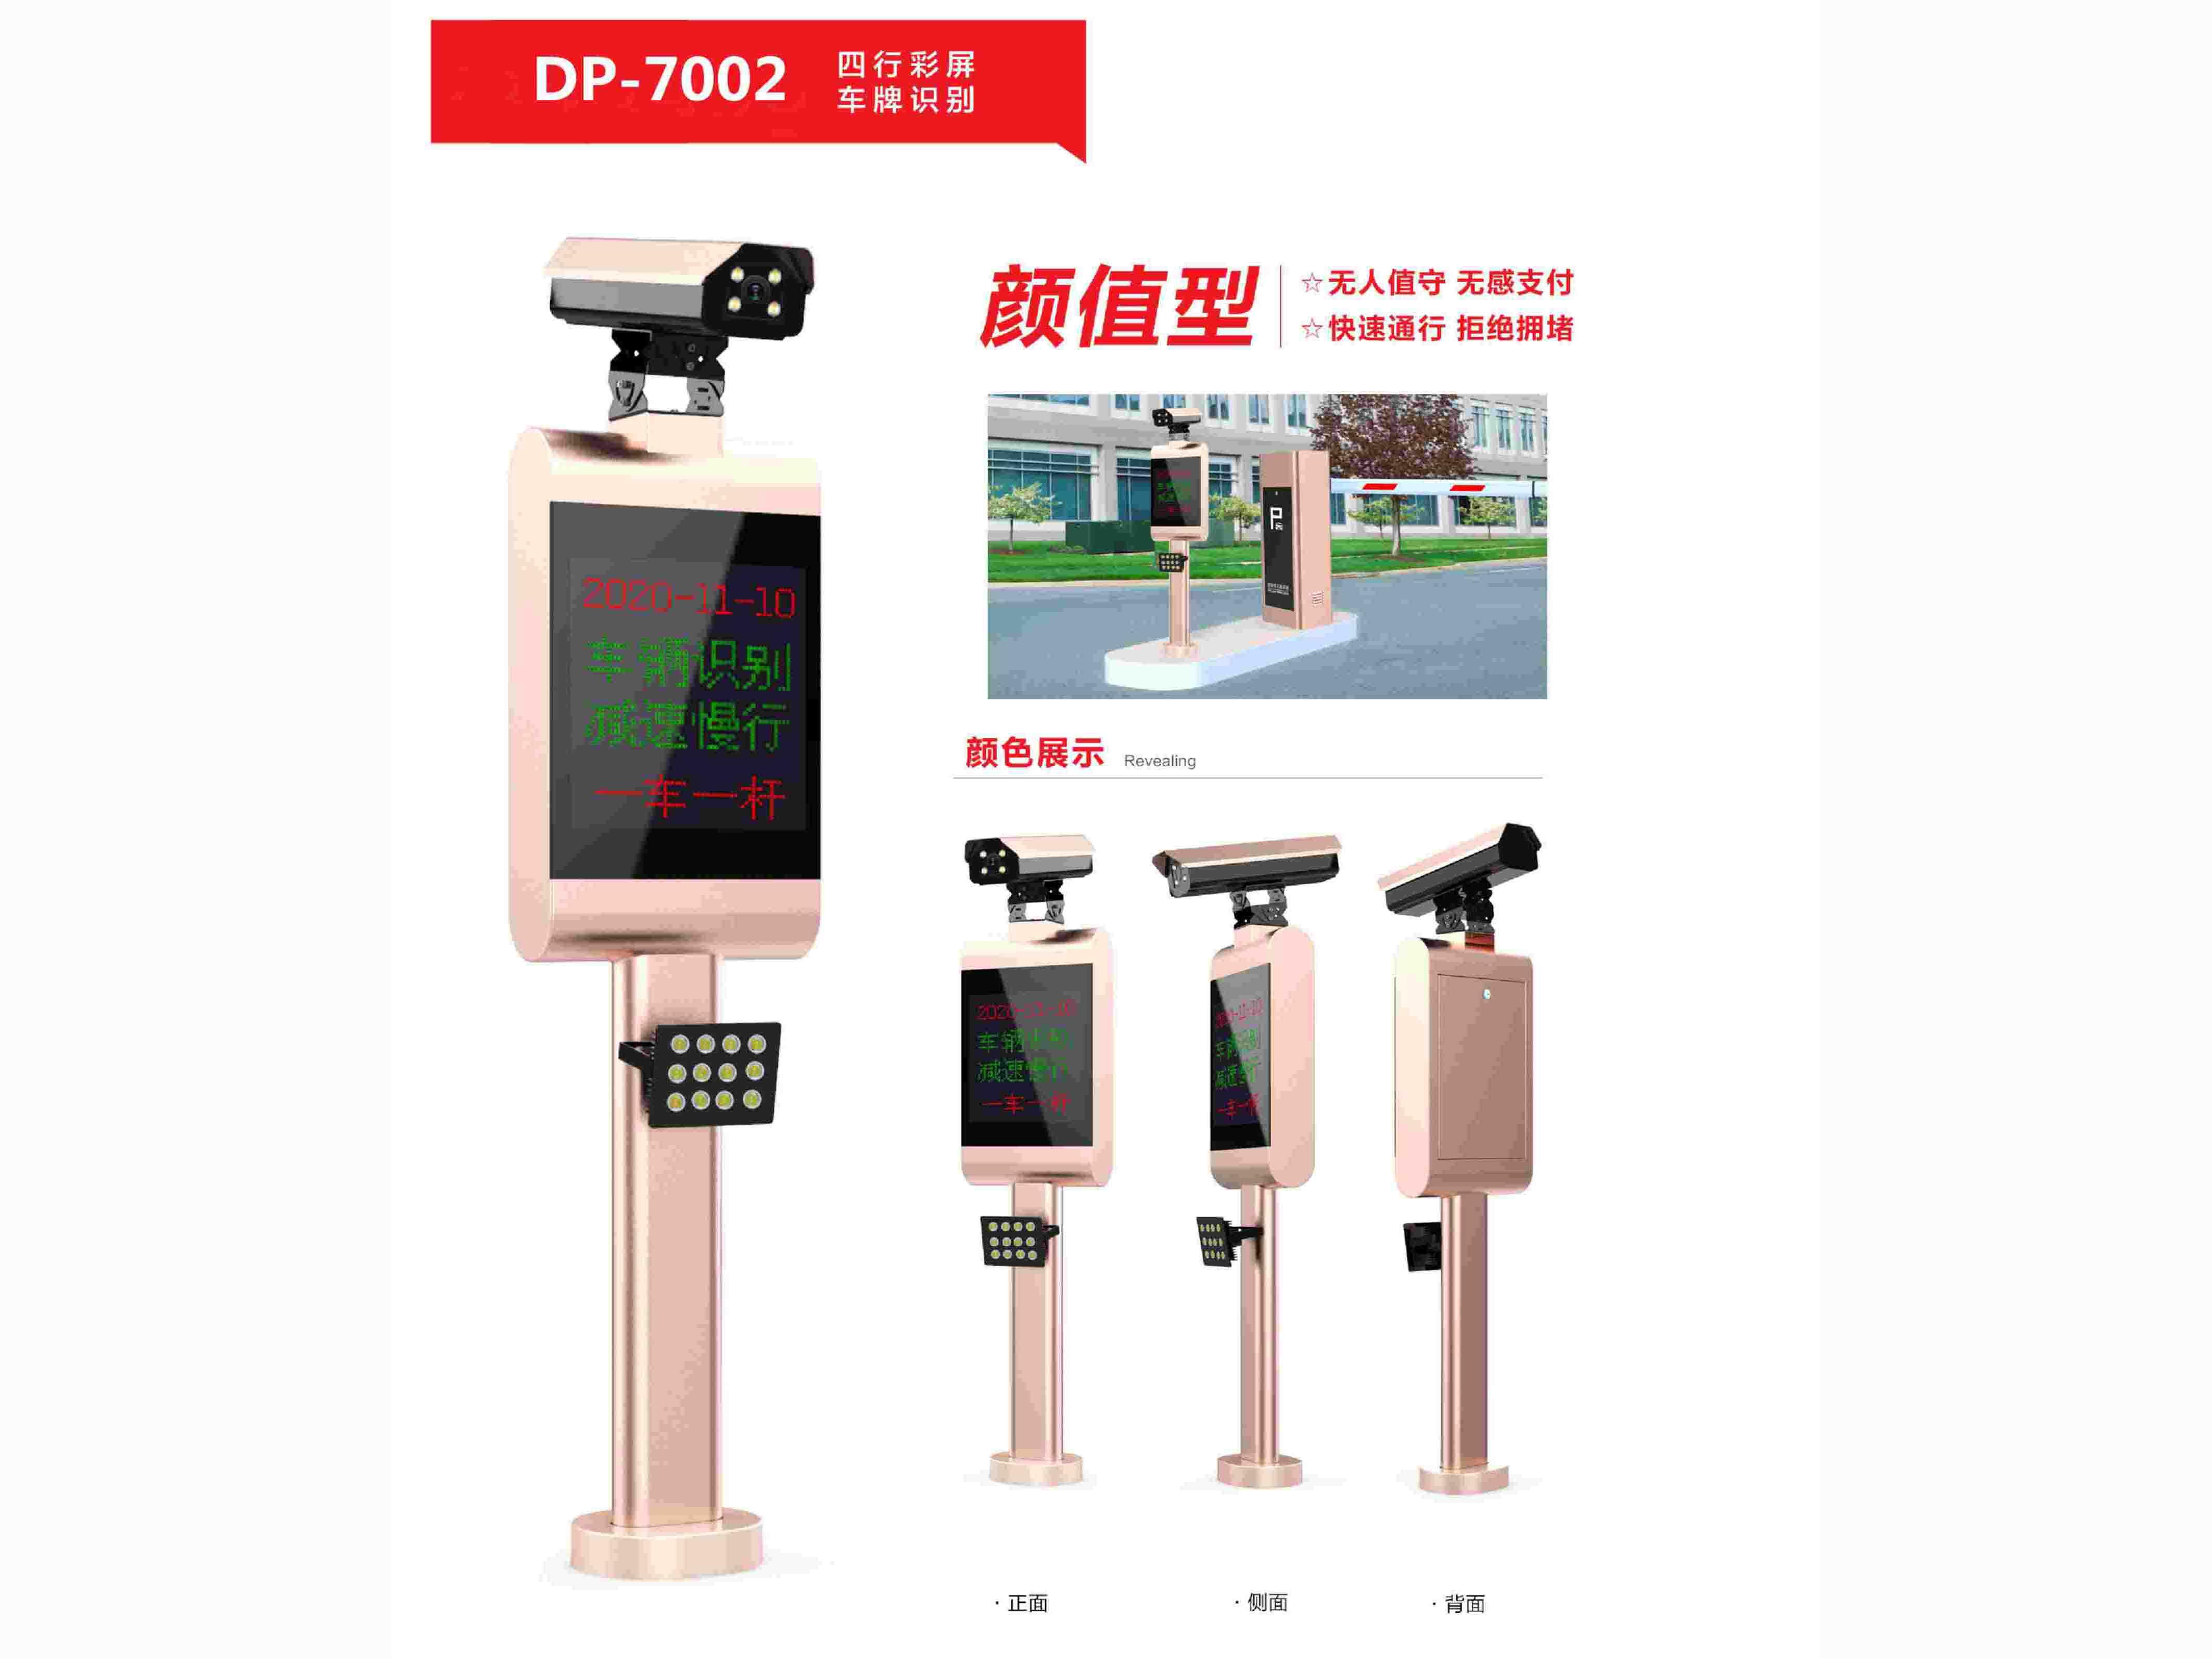 四形彩屏车牌识别(DP-7002)